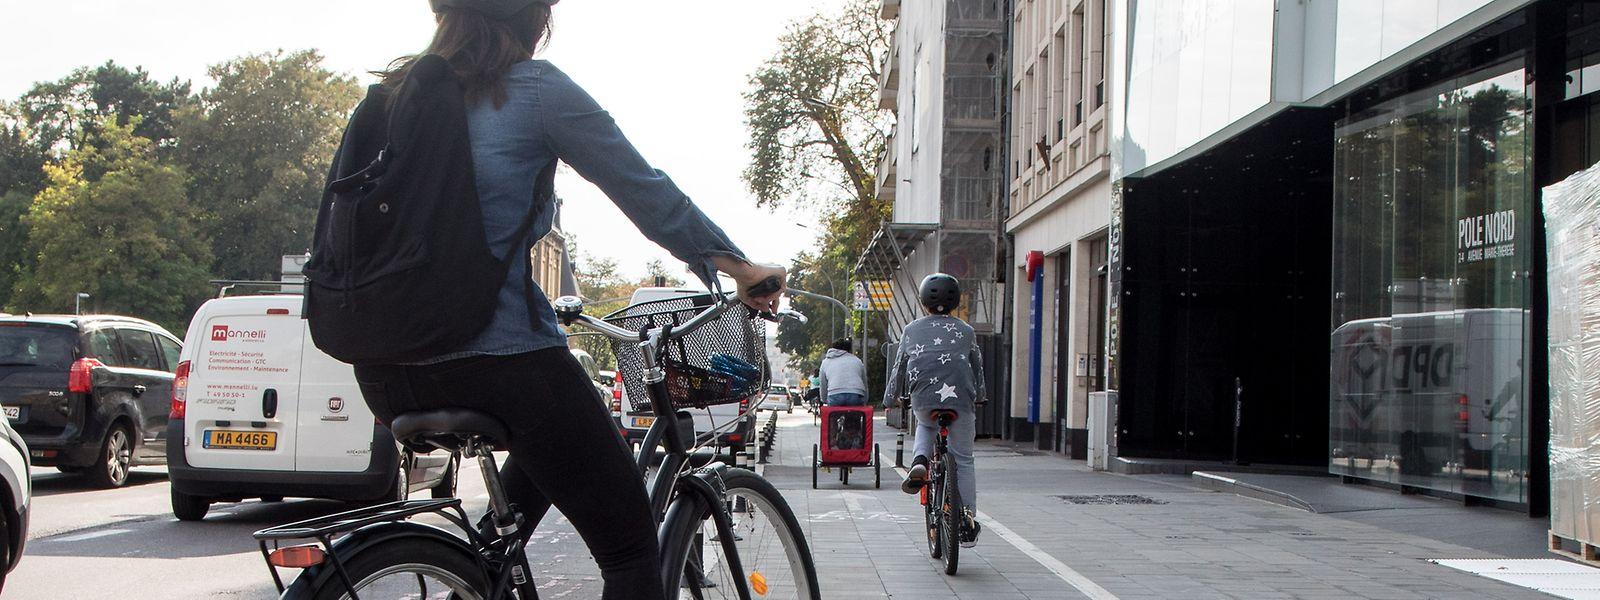 Wer sich clever anlegt, kann beim Kauf eines Fahrrades oder Pedelec viel Geld sparen.